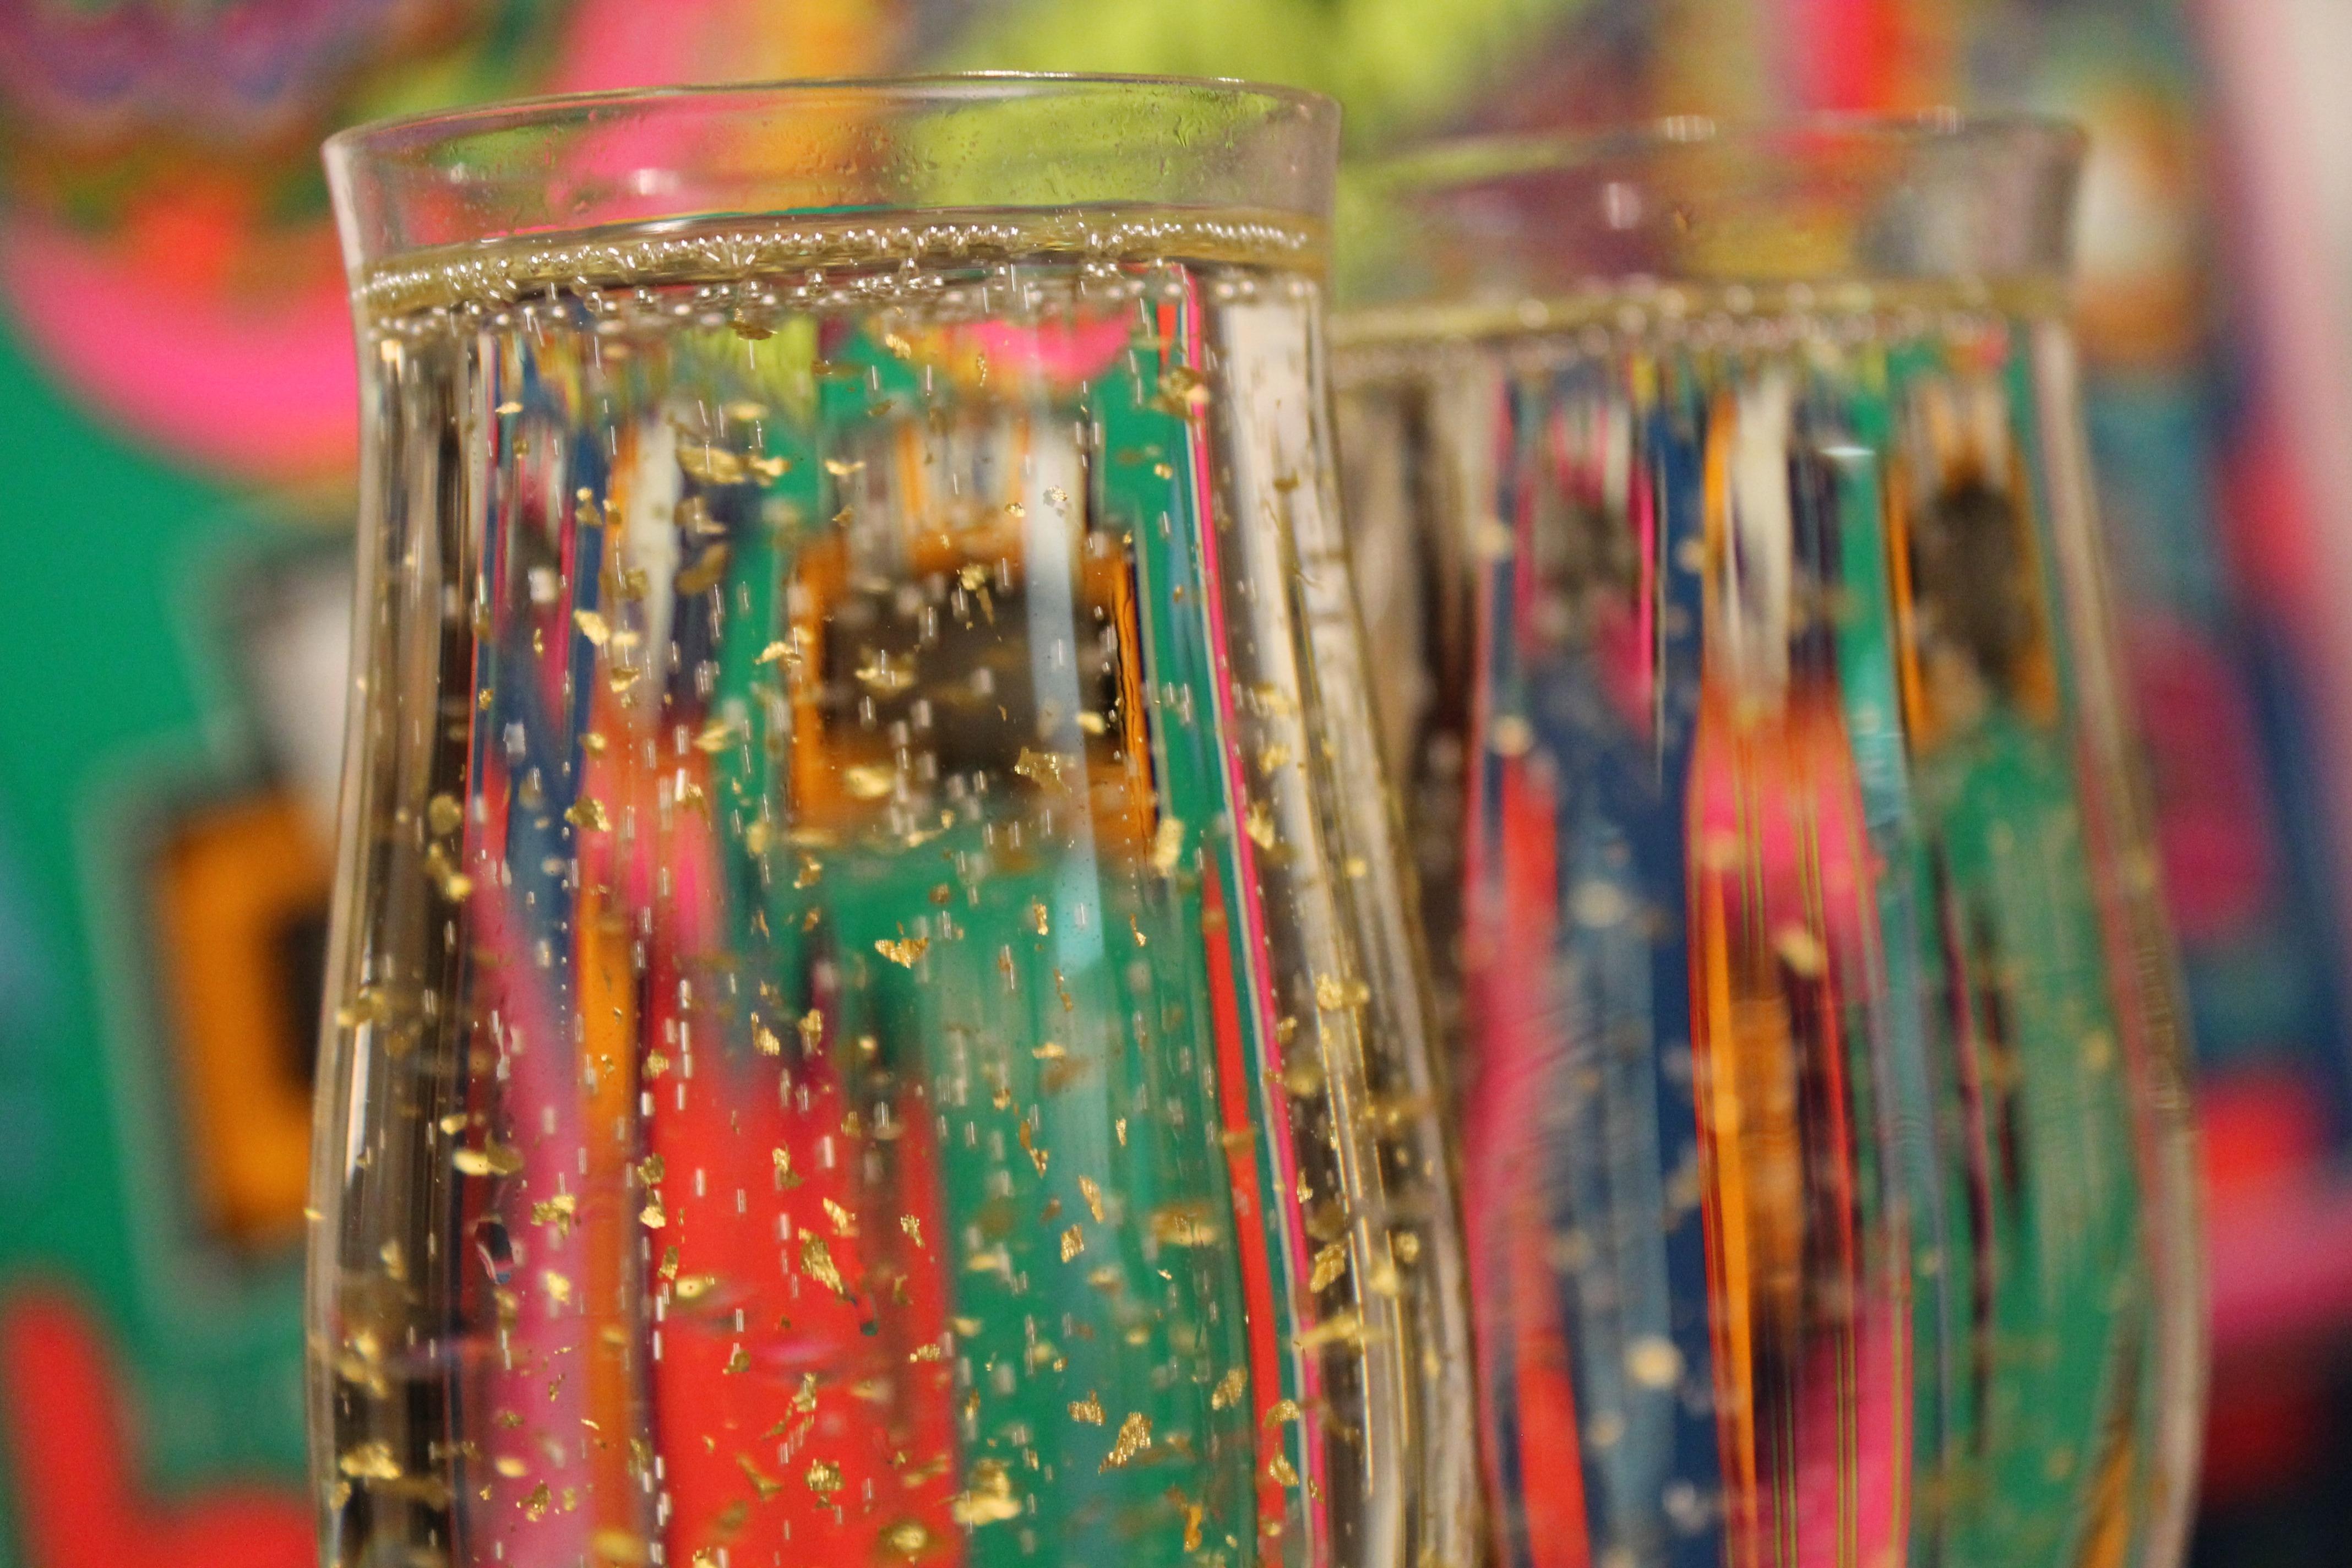 fb21e094721f glas fest farve Skål briller parti champagne Prost nytårsaften nytårsdag